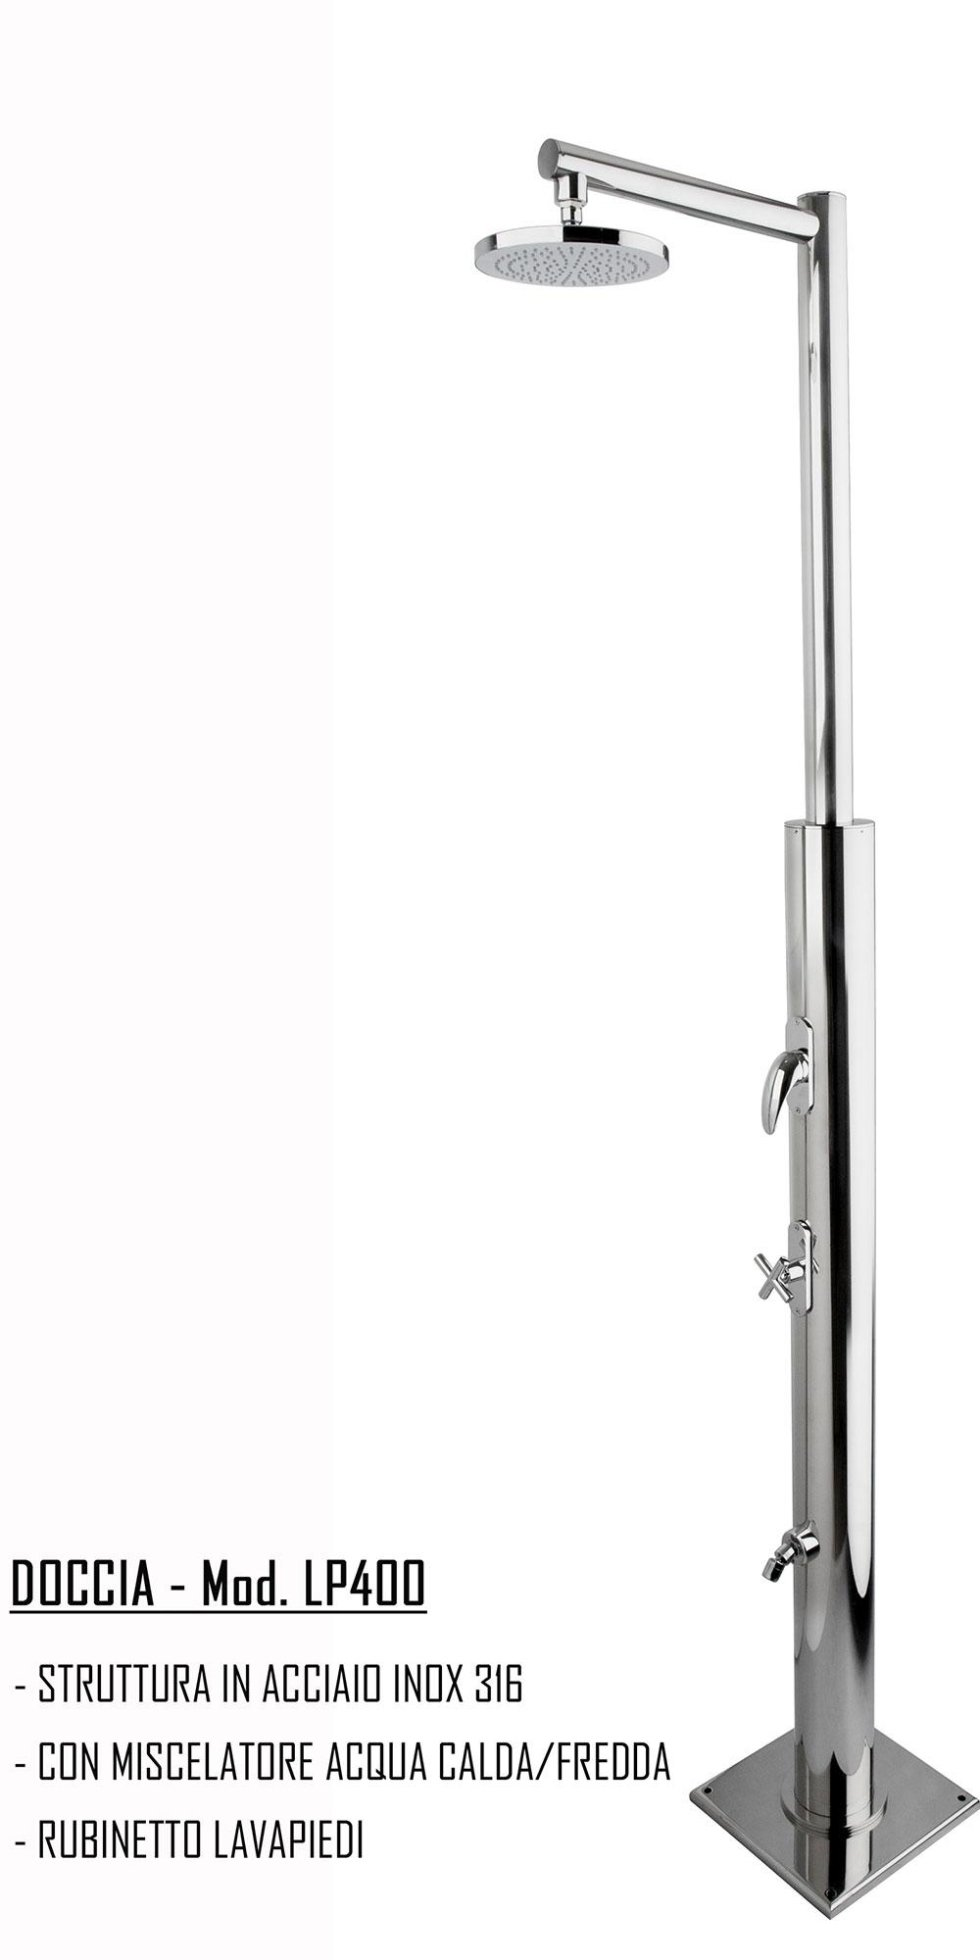 doccia miscelatore acqua calda e fredda